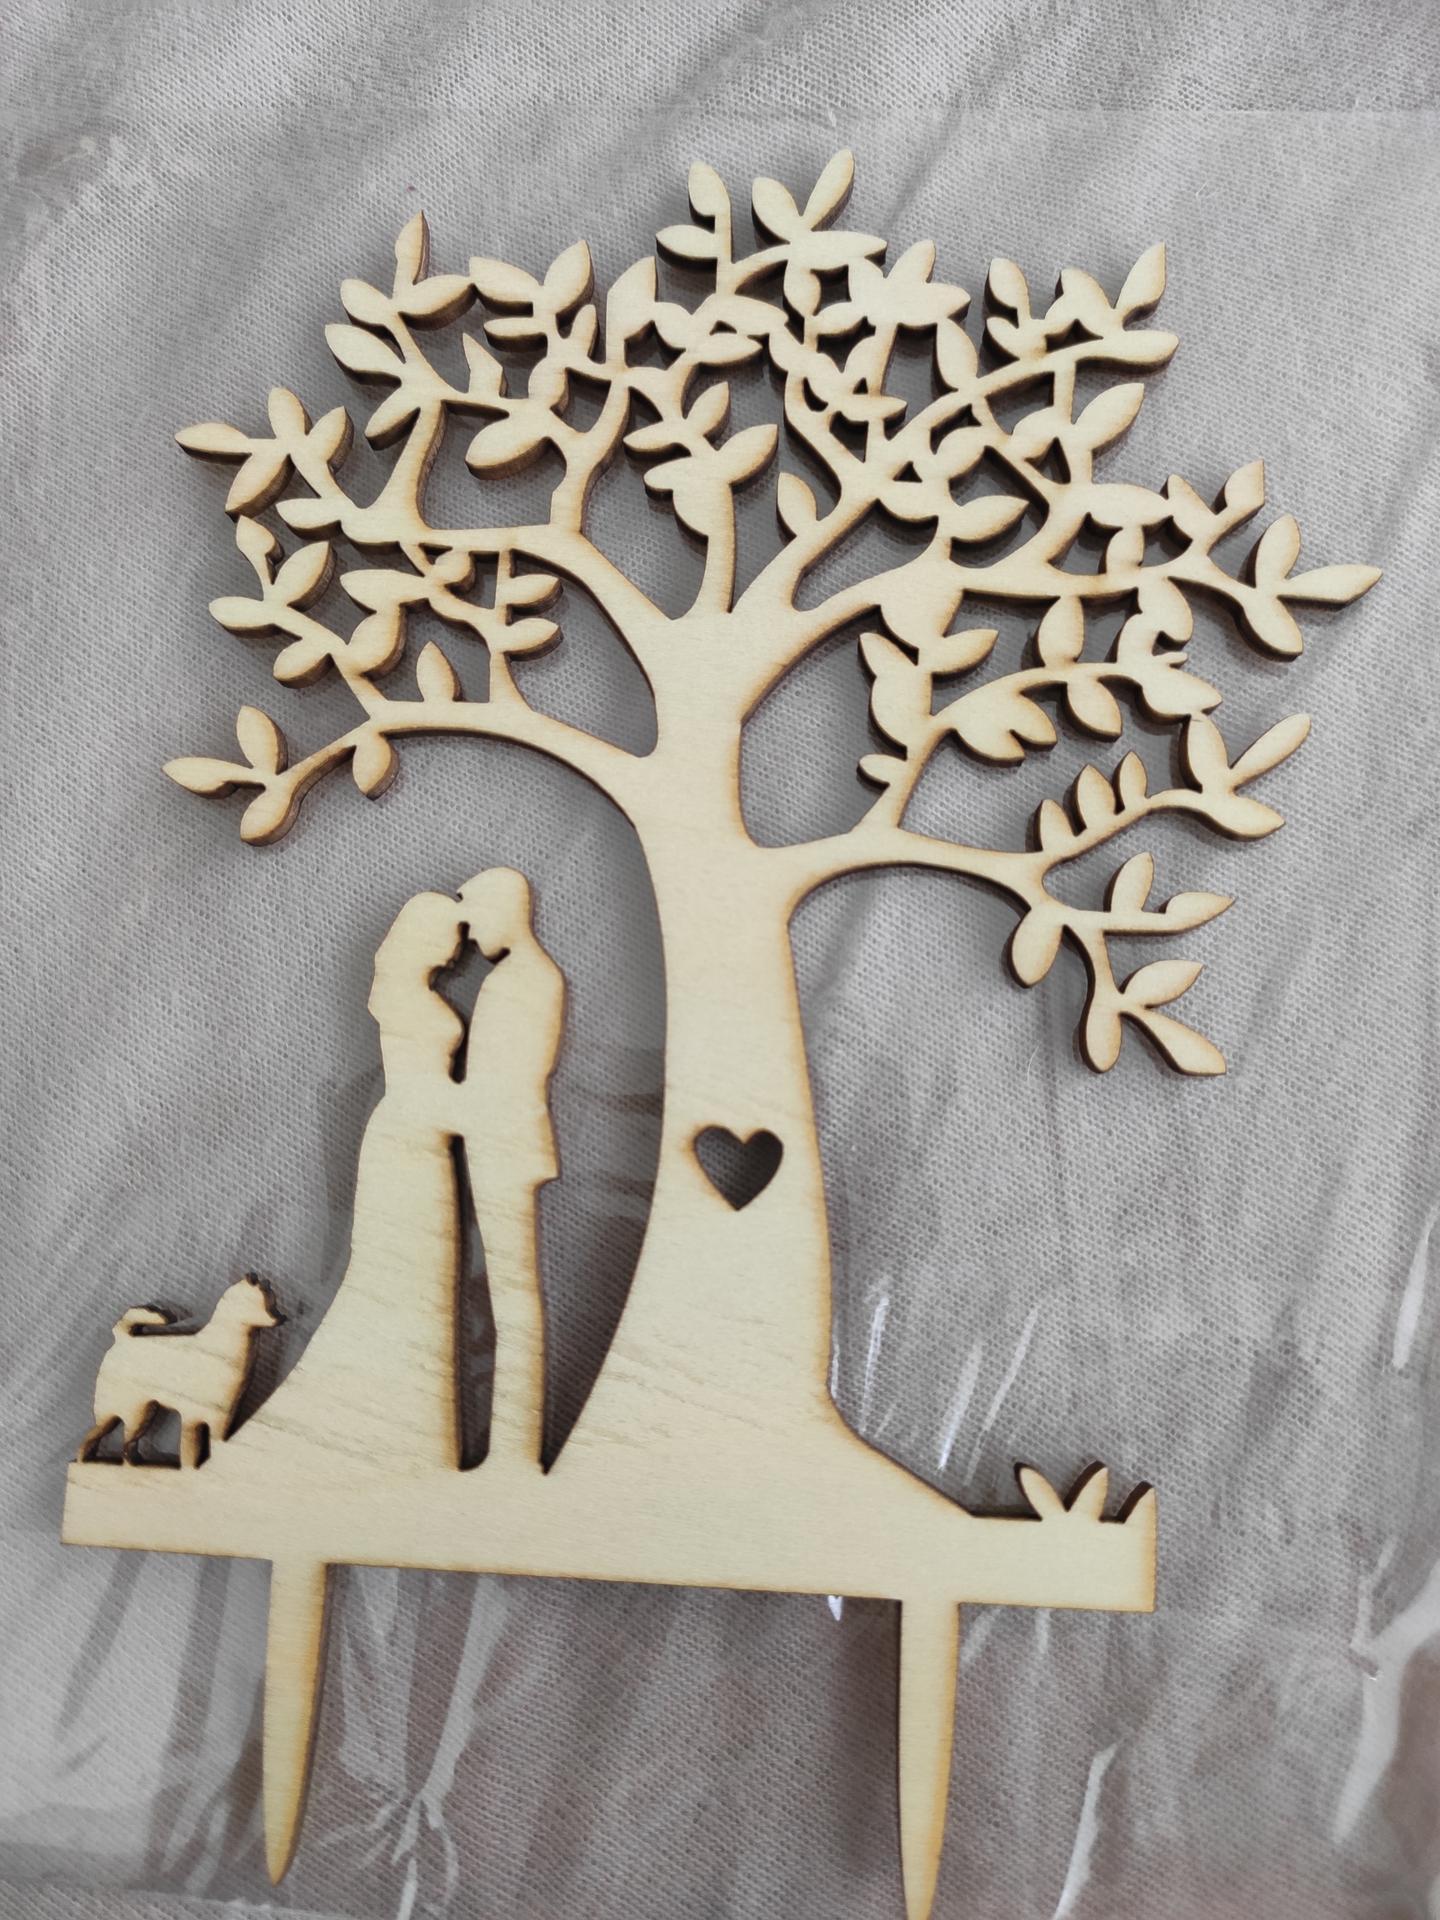 Svatební přípravy - Personalizovaný zápich do dortu s našim pesanem, protože bez ní to nejde 😁🐶